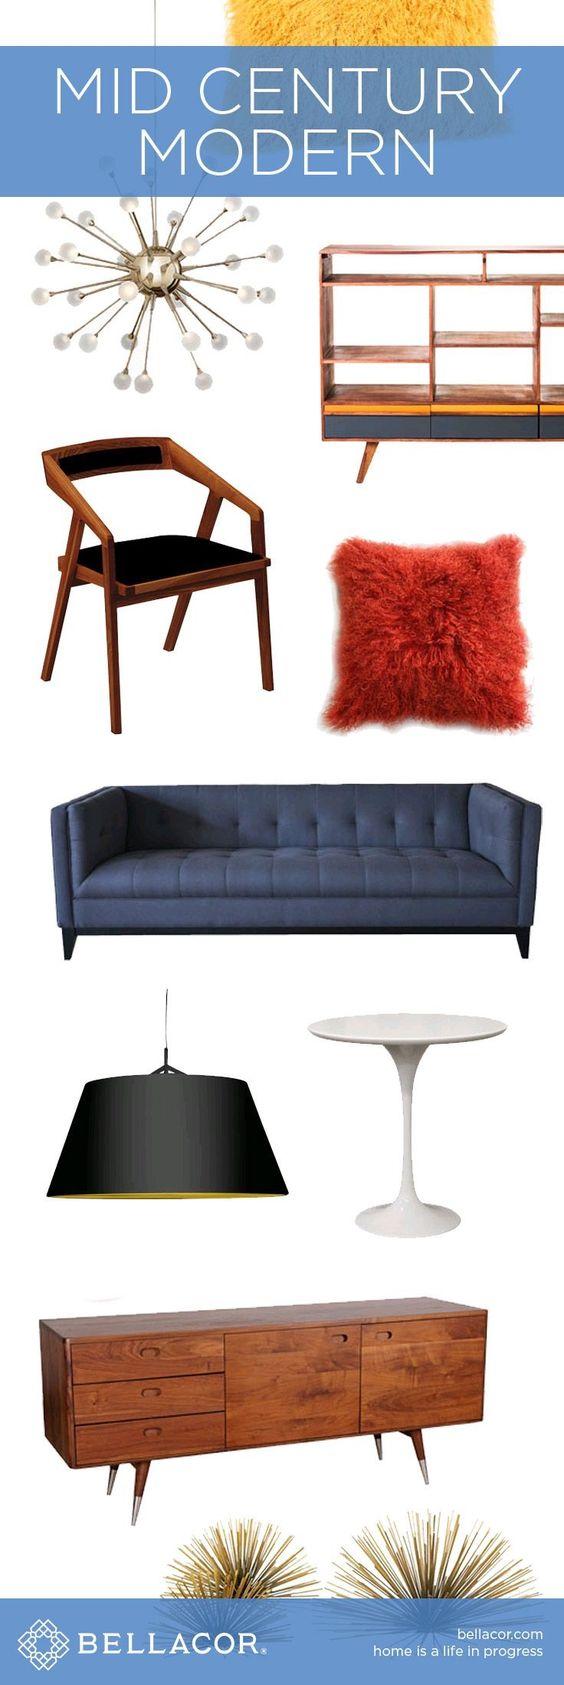 muebles para decorar habitaciones modernas (5)